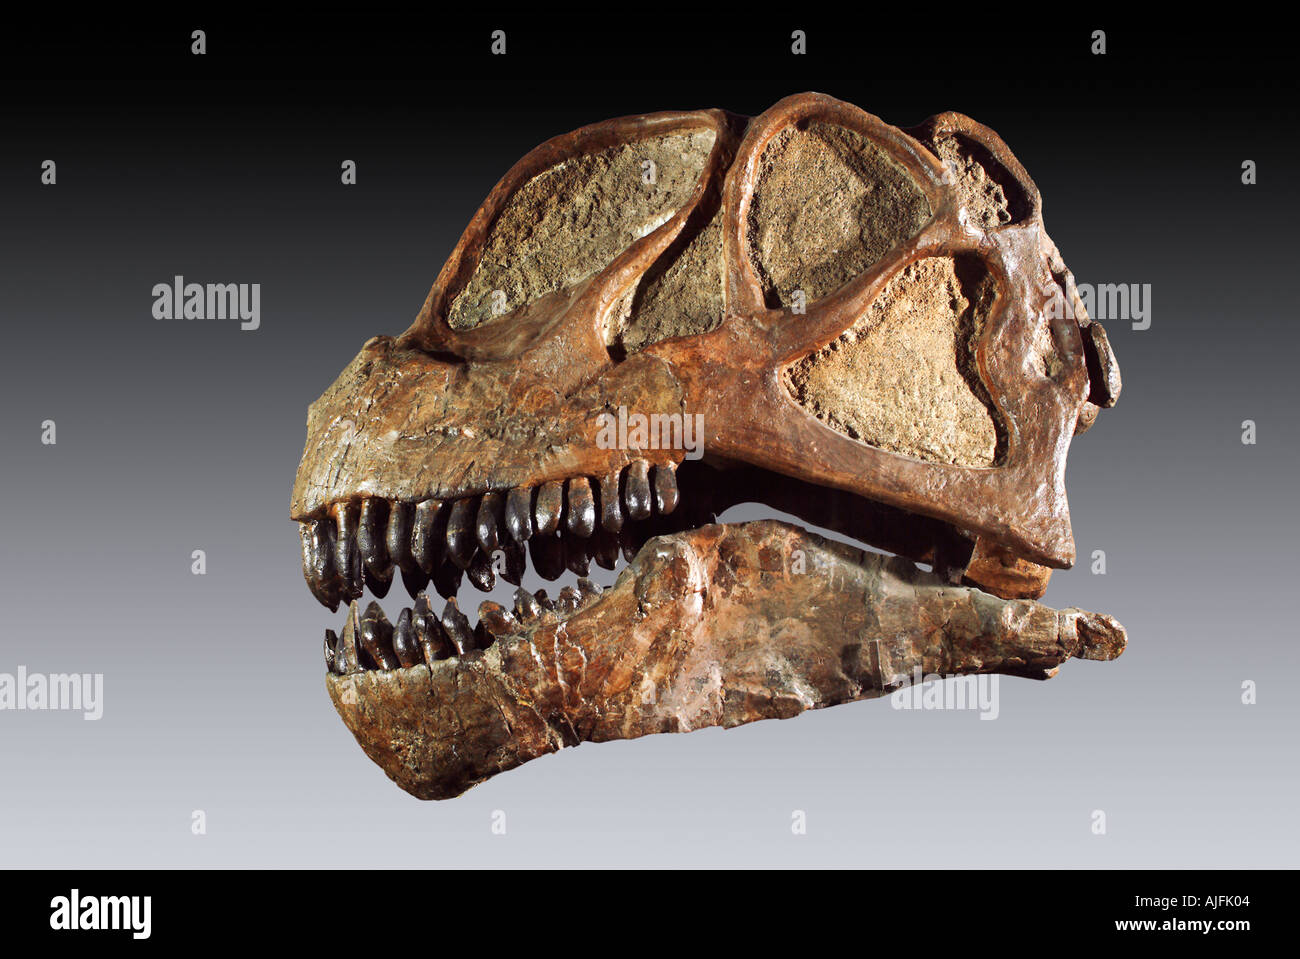 Fossil Skull Camarasaurus saurópodos del Jurásico tardío Dinosaur National Monument en Utah Imagen De Stock